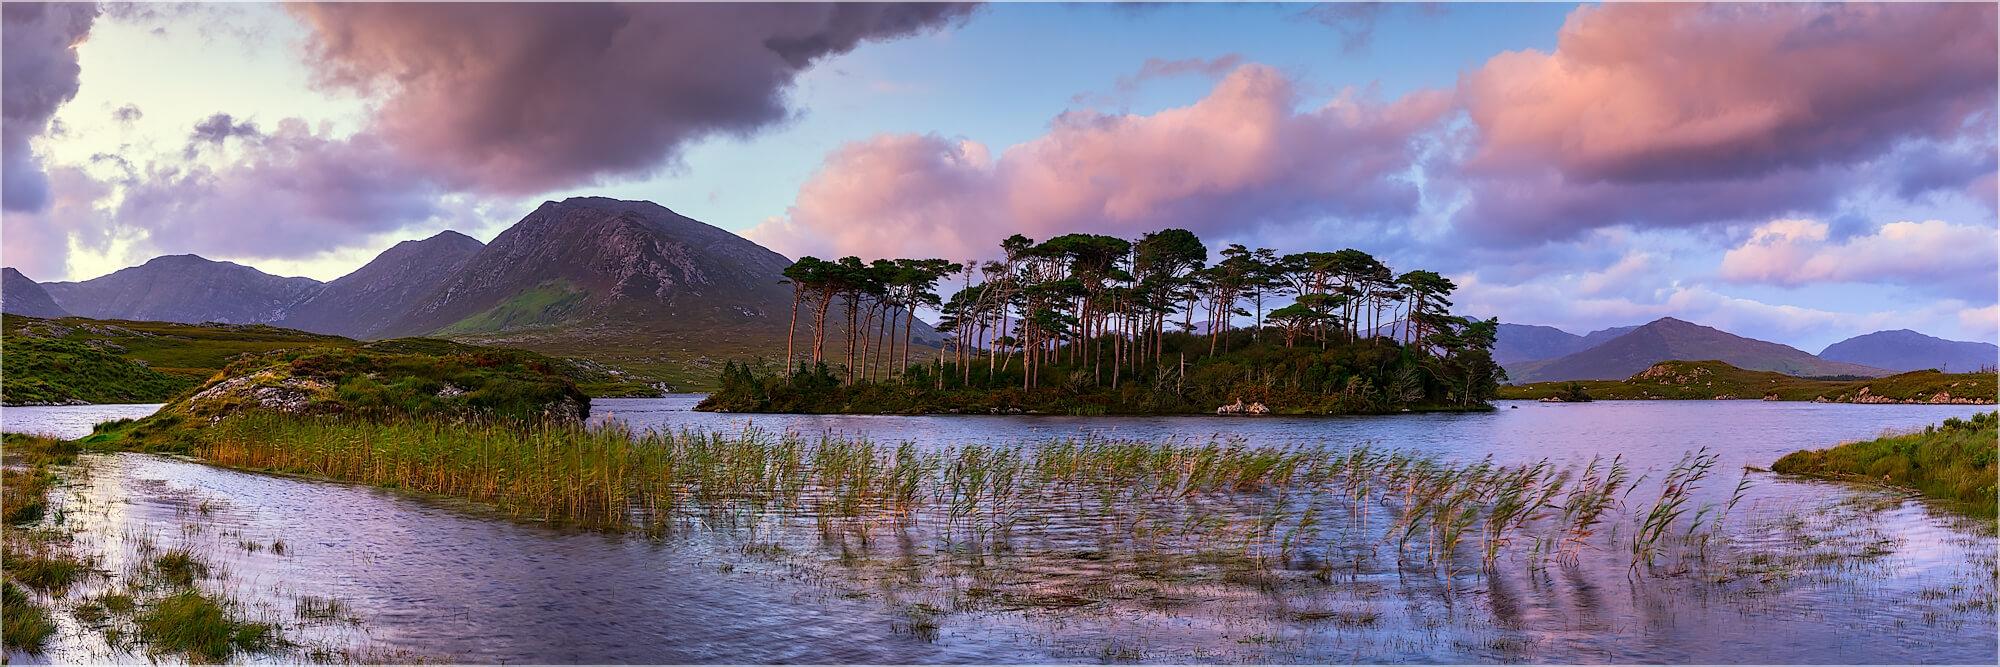 Panoramafoto Pine Tree Island Connemara Park Irland